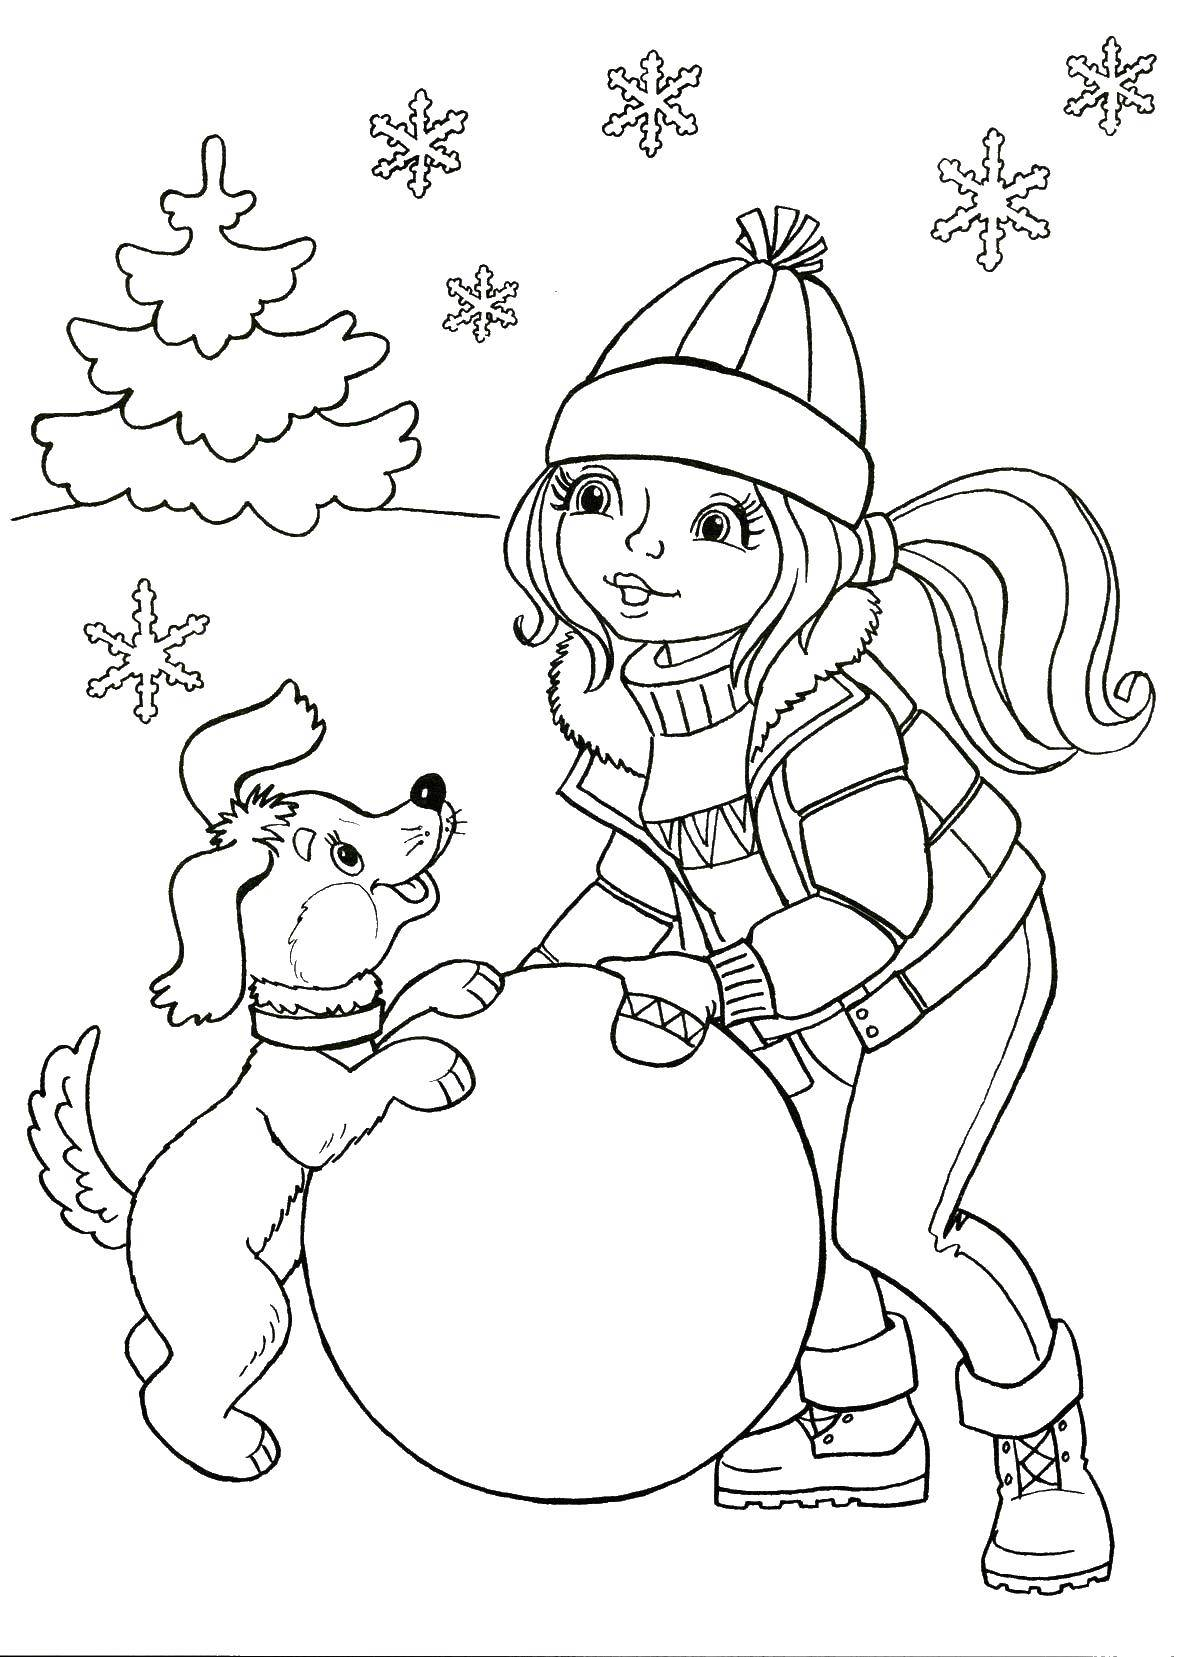 Раскраска Девочка и собачка лепят снеговика Скачать зима, снег, снеговик, девочка.  Распечатать ,зима,